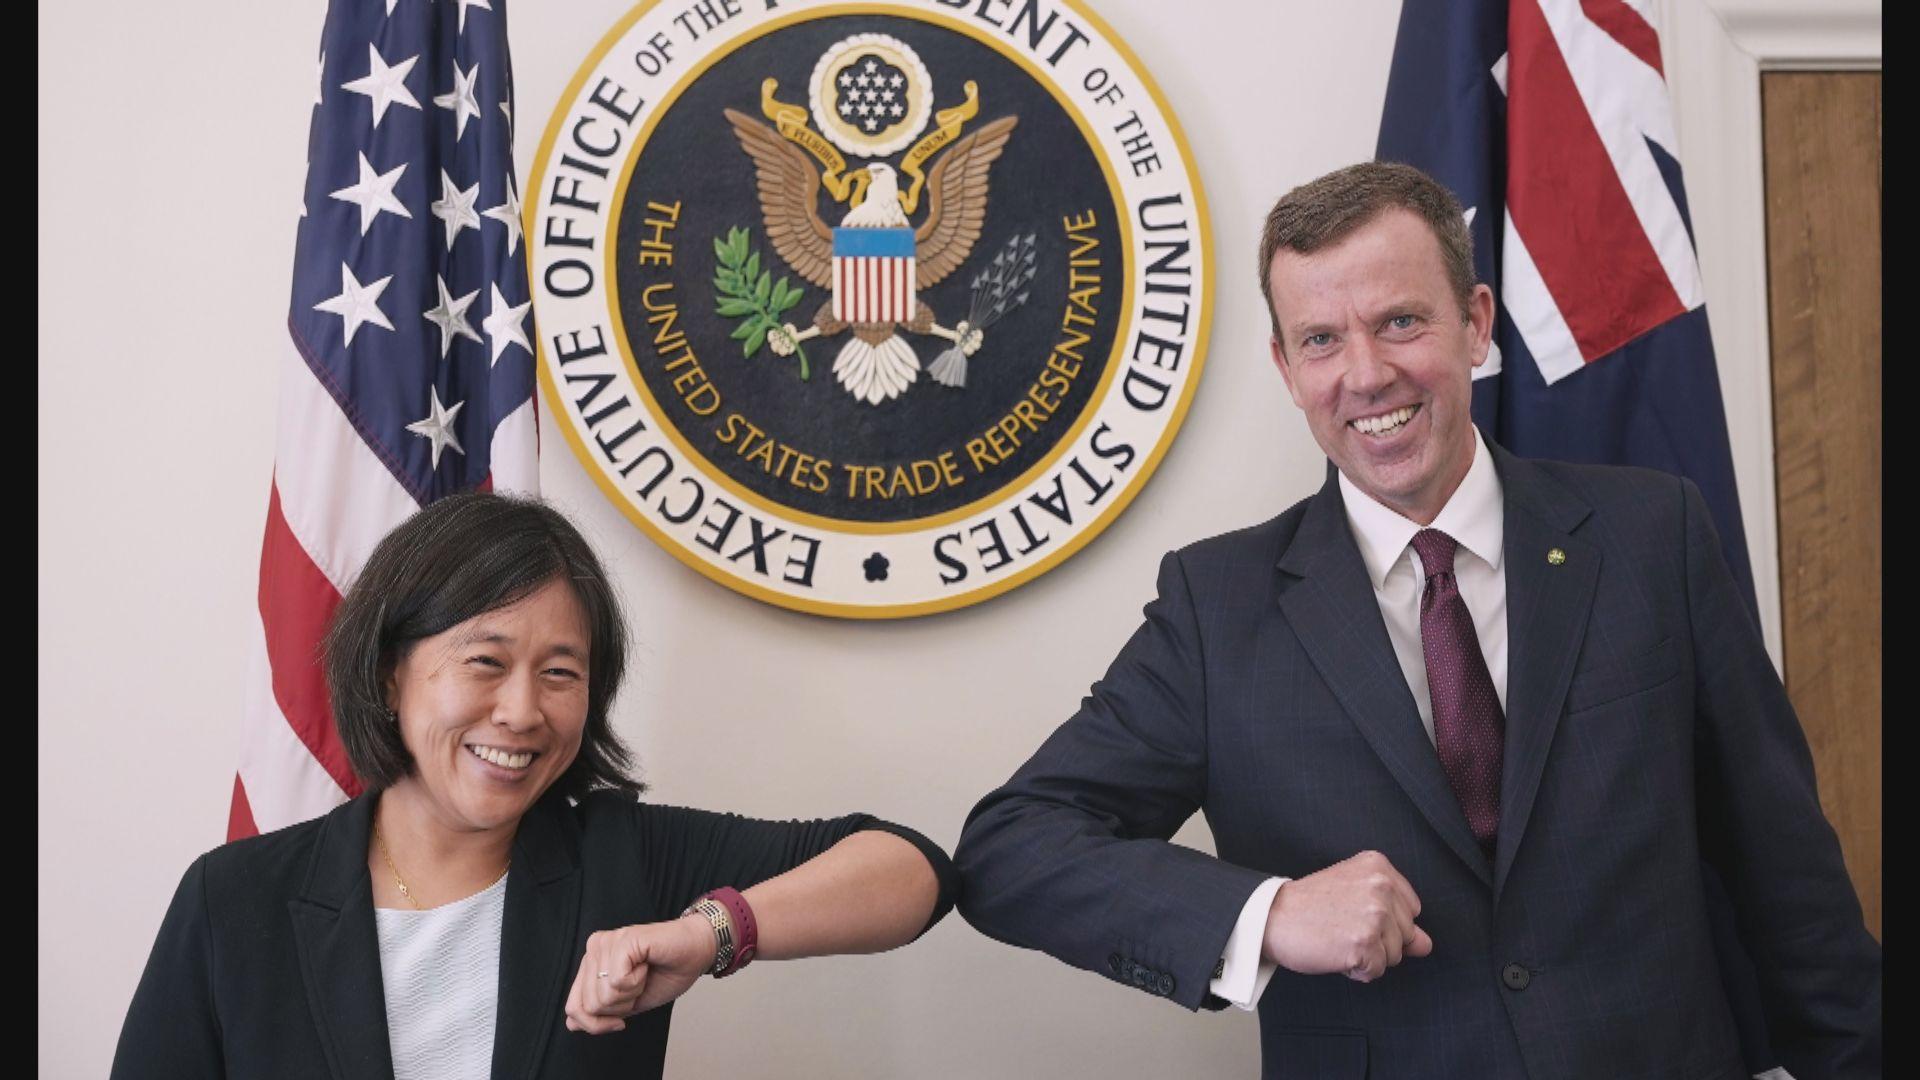 美貿易代表:支持澳洲處理中國主導非市場行為 外交部批顛倒黑白